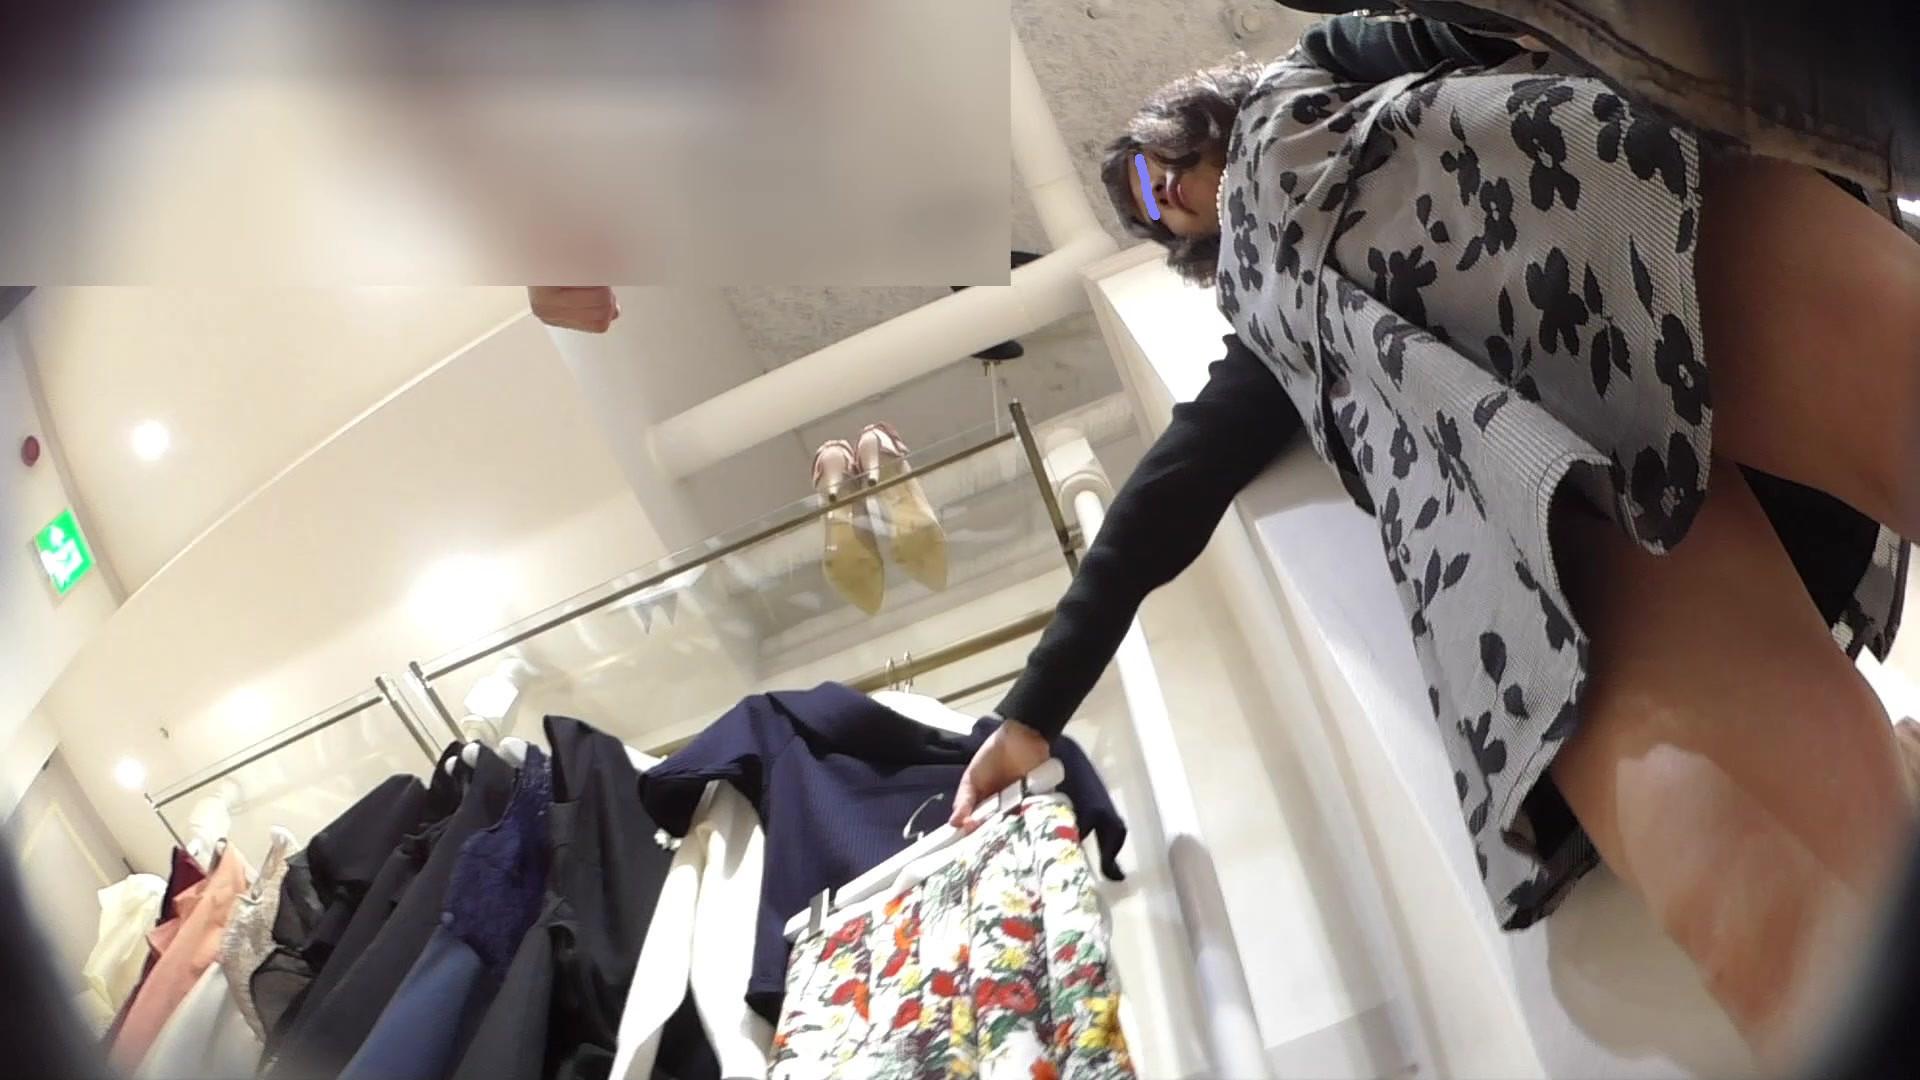 【逆さ撮り】アパレル店員さん達はパンツもお洒落なのか気になって撮影したパンチラ画像